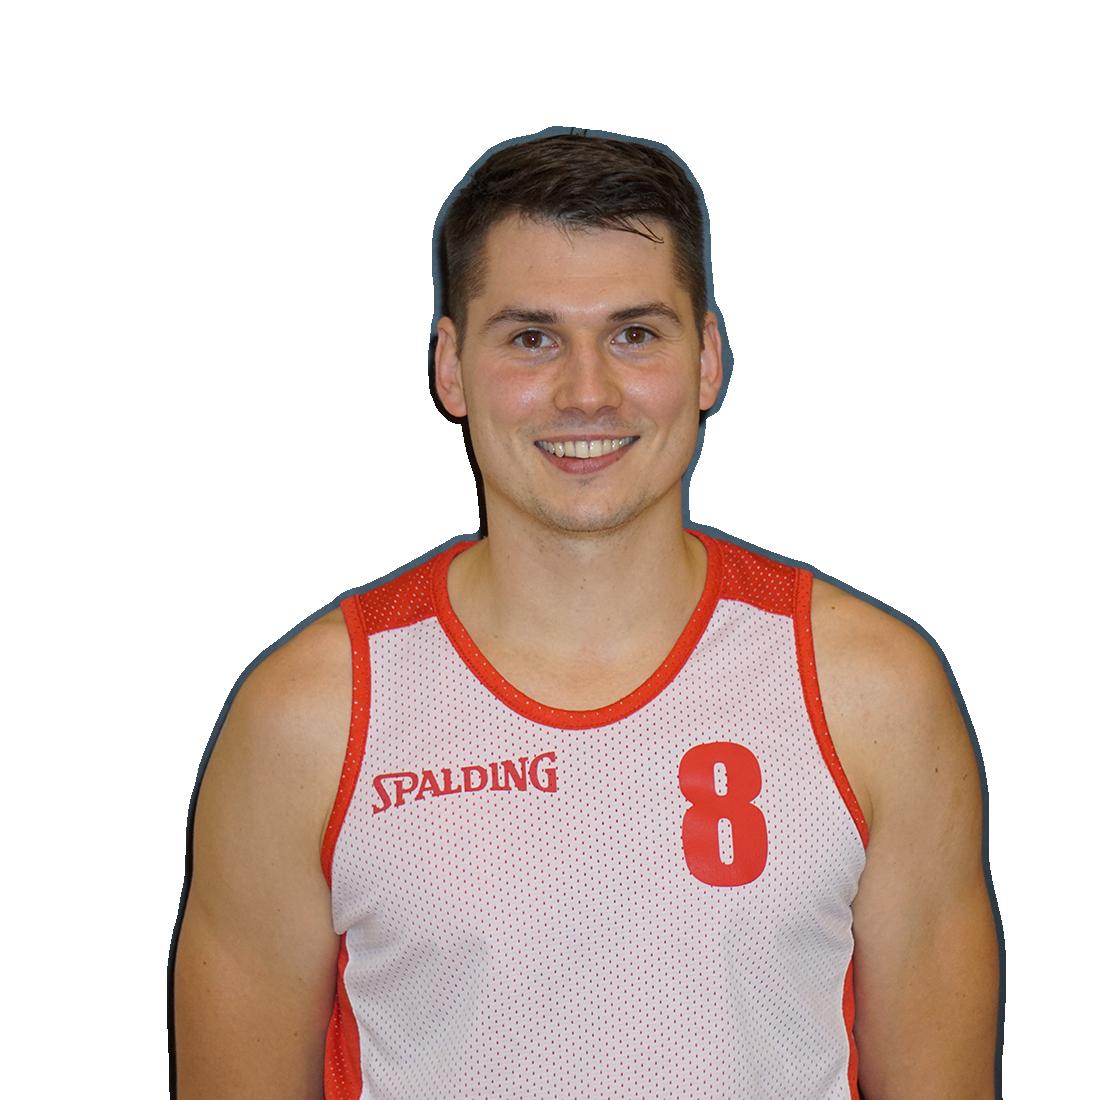 Emil Gruszczyński